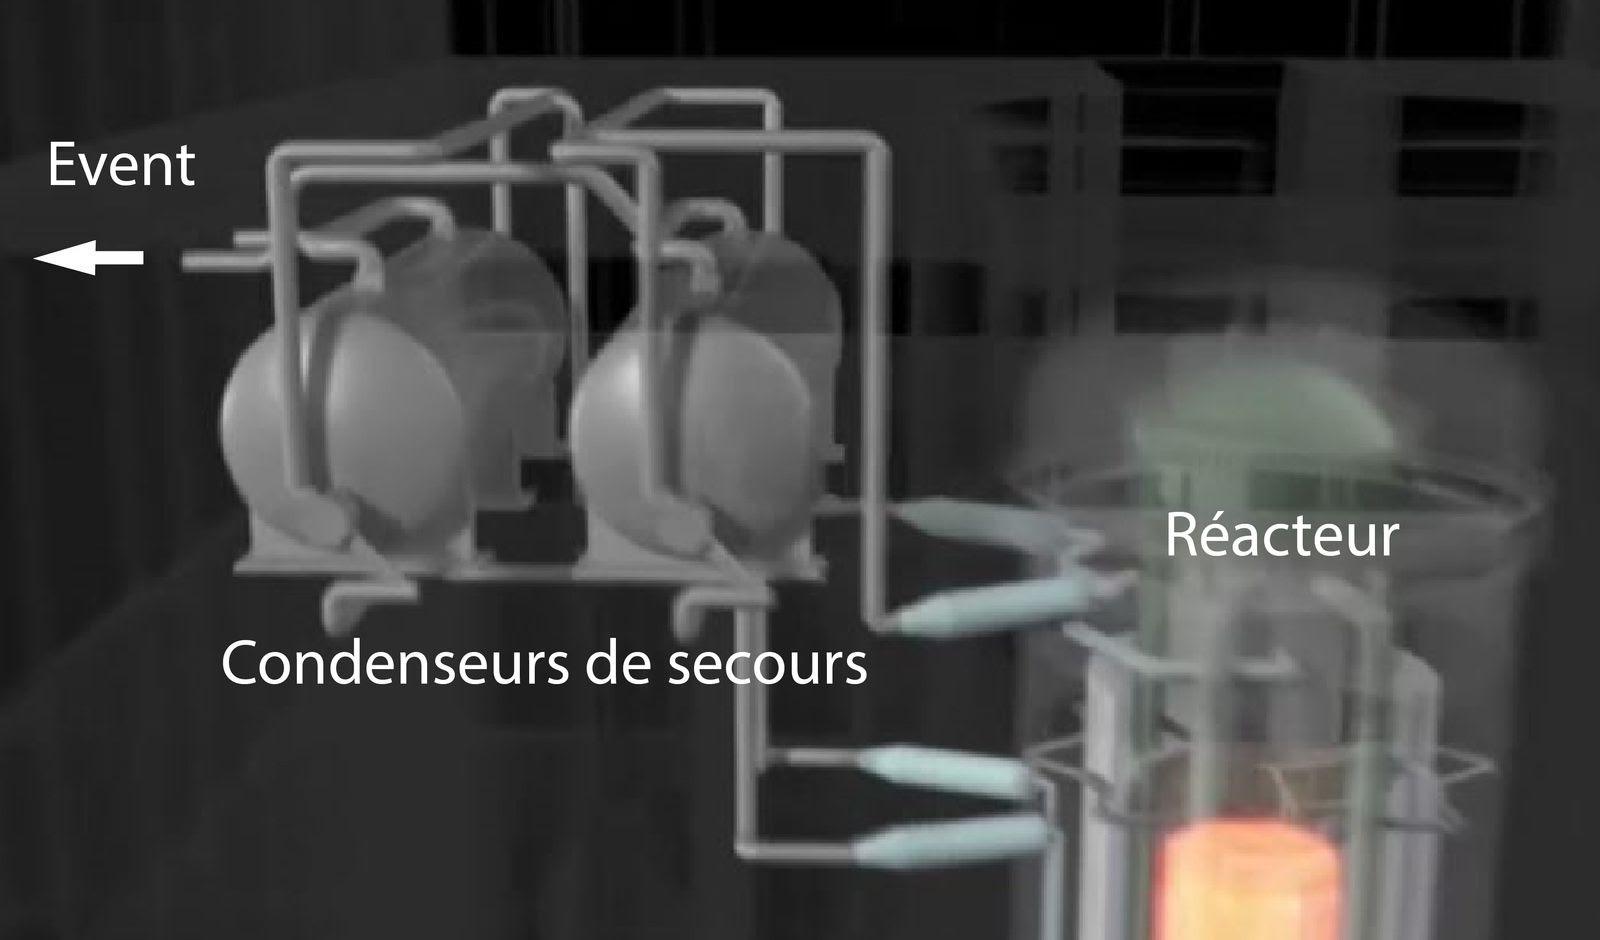 Fig. 36 : Détail des tuyauteries entre la cuve du réacteur, les condenseurs et l'extérieur